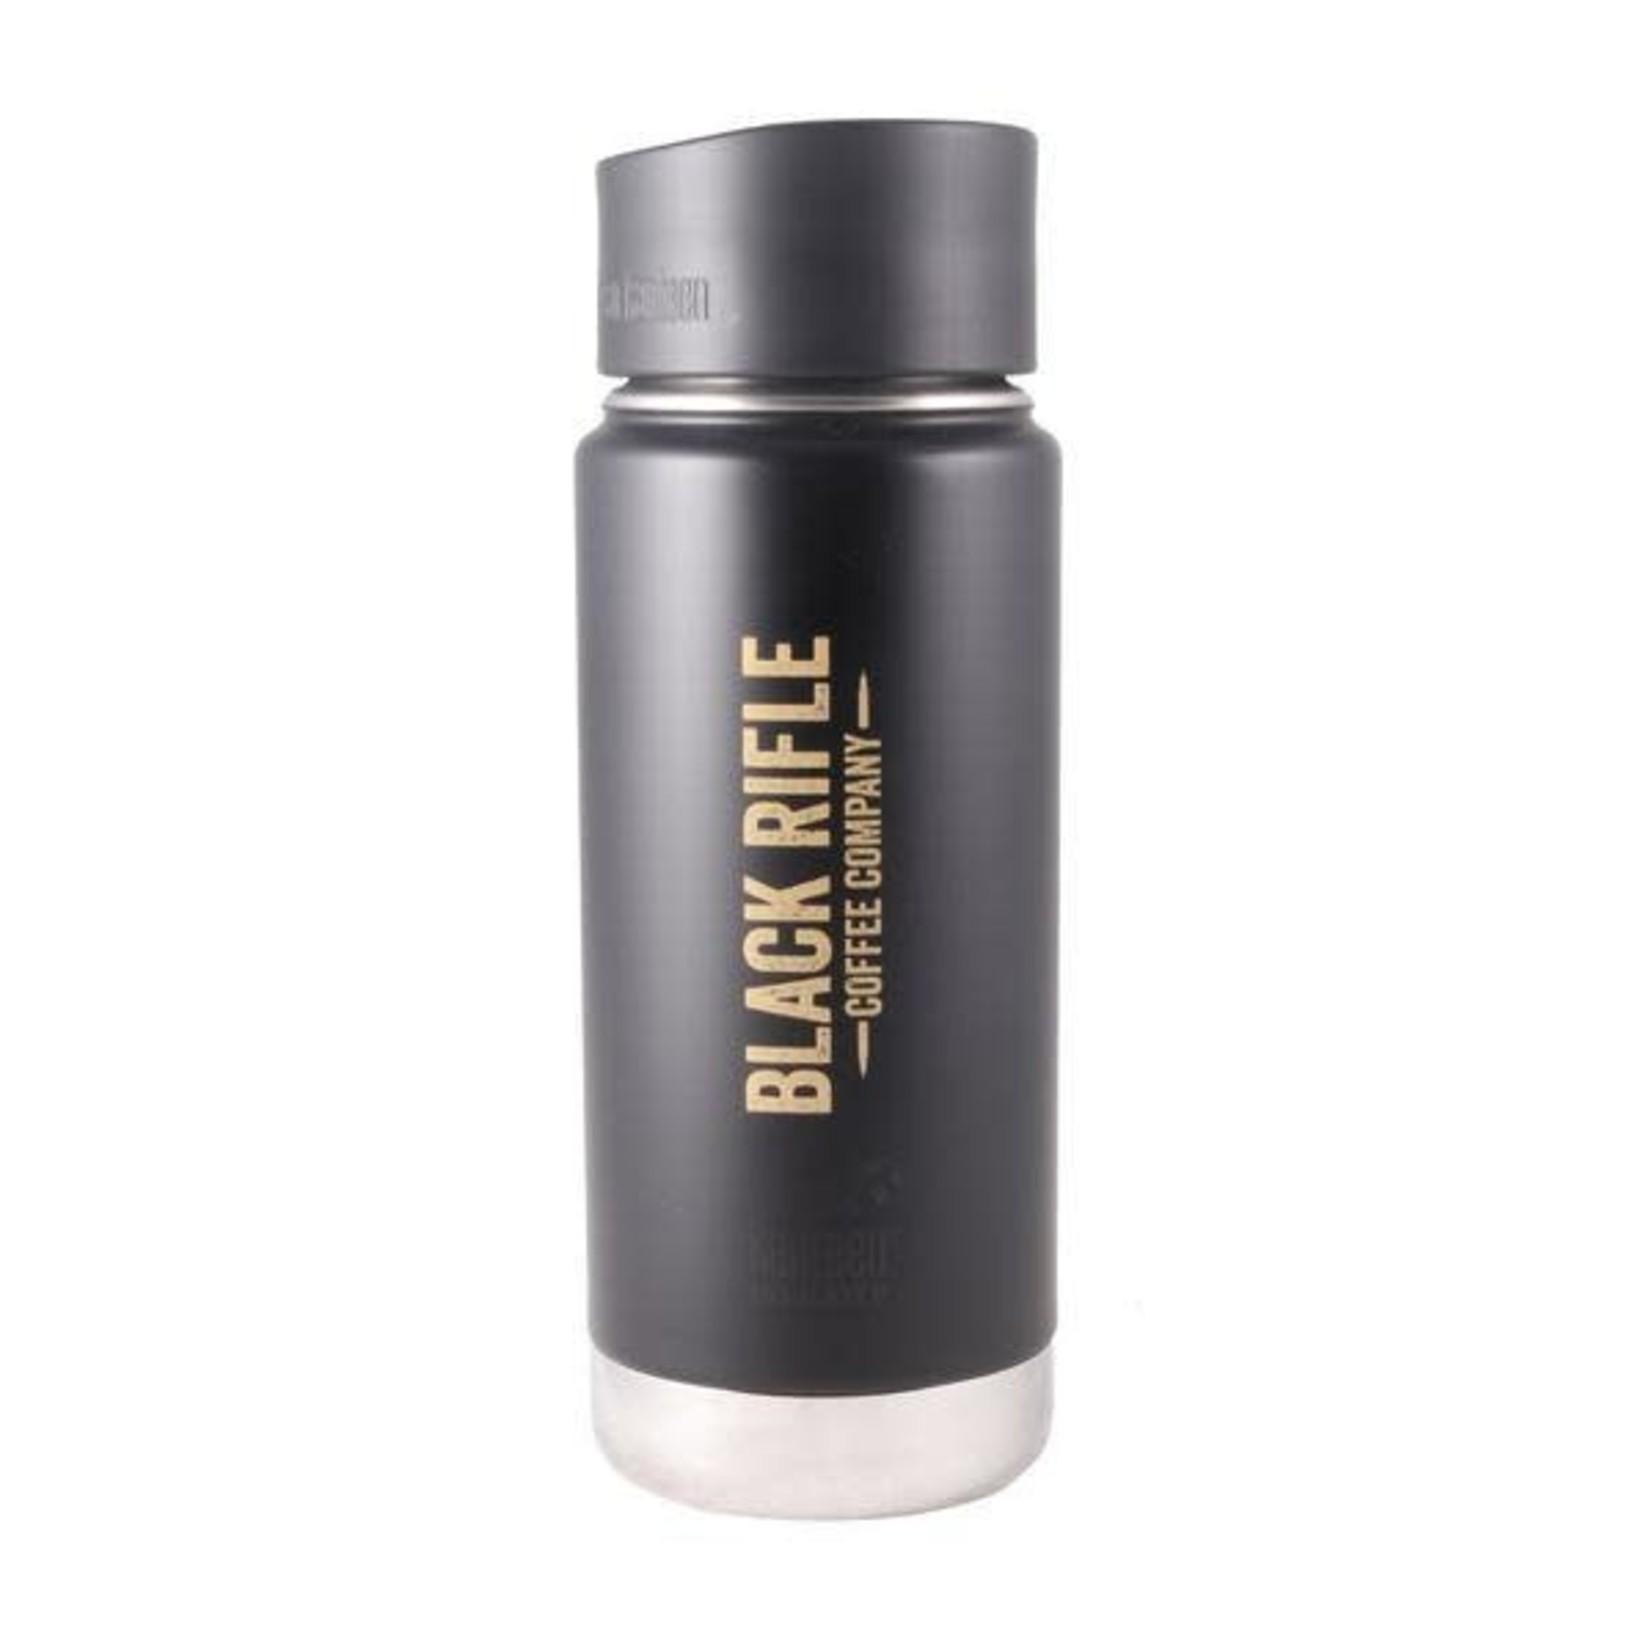 Black Rifle Coffee Black Rifle Coffee Coffee, or Die Thermos 16oz